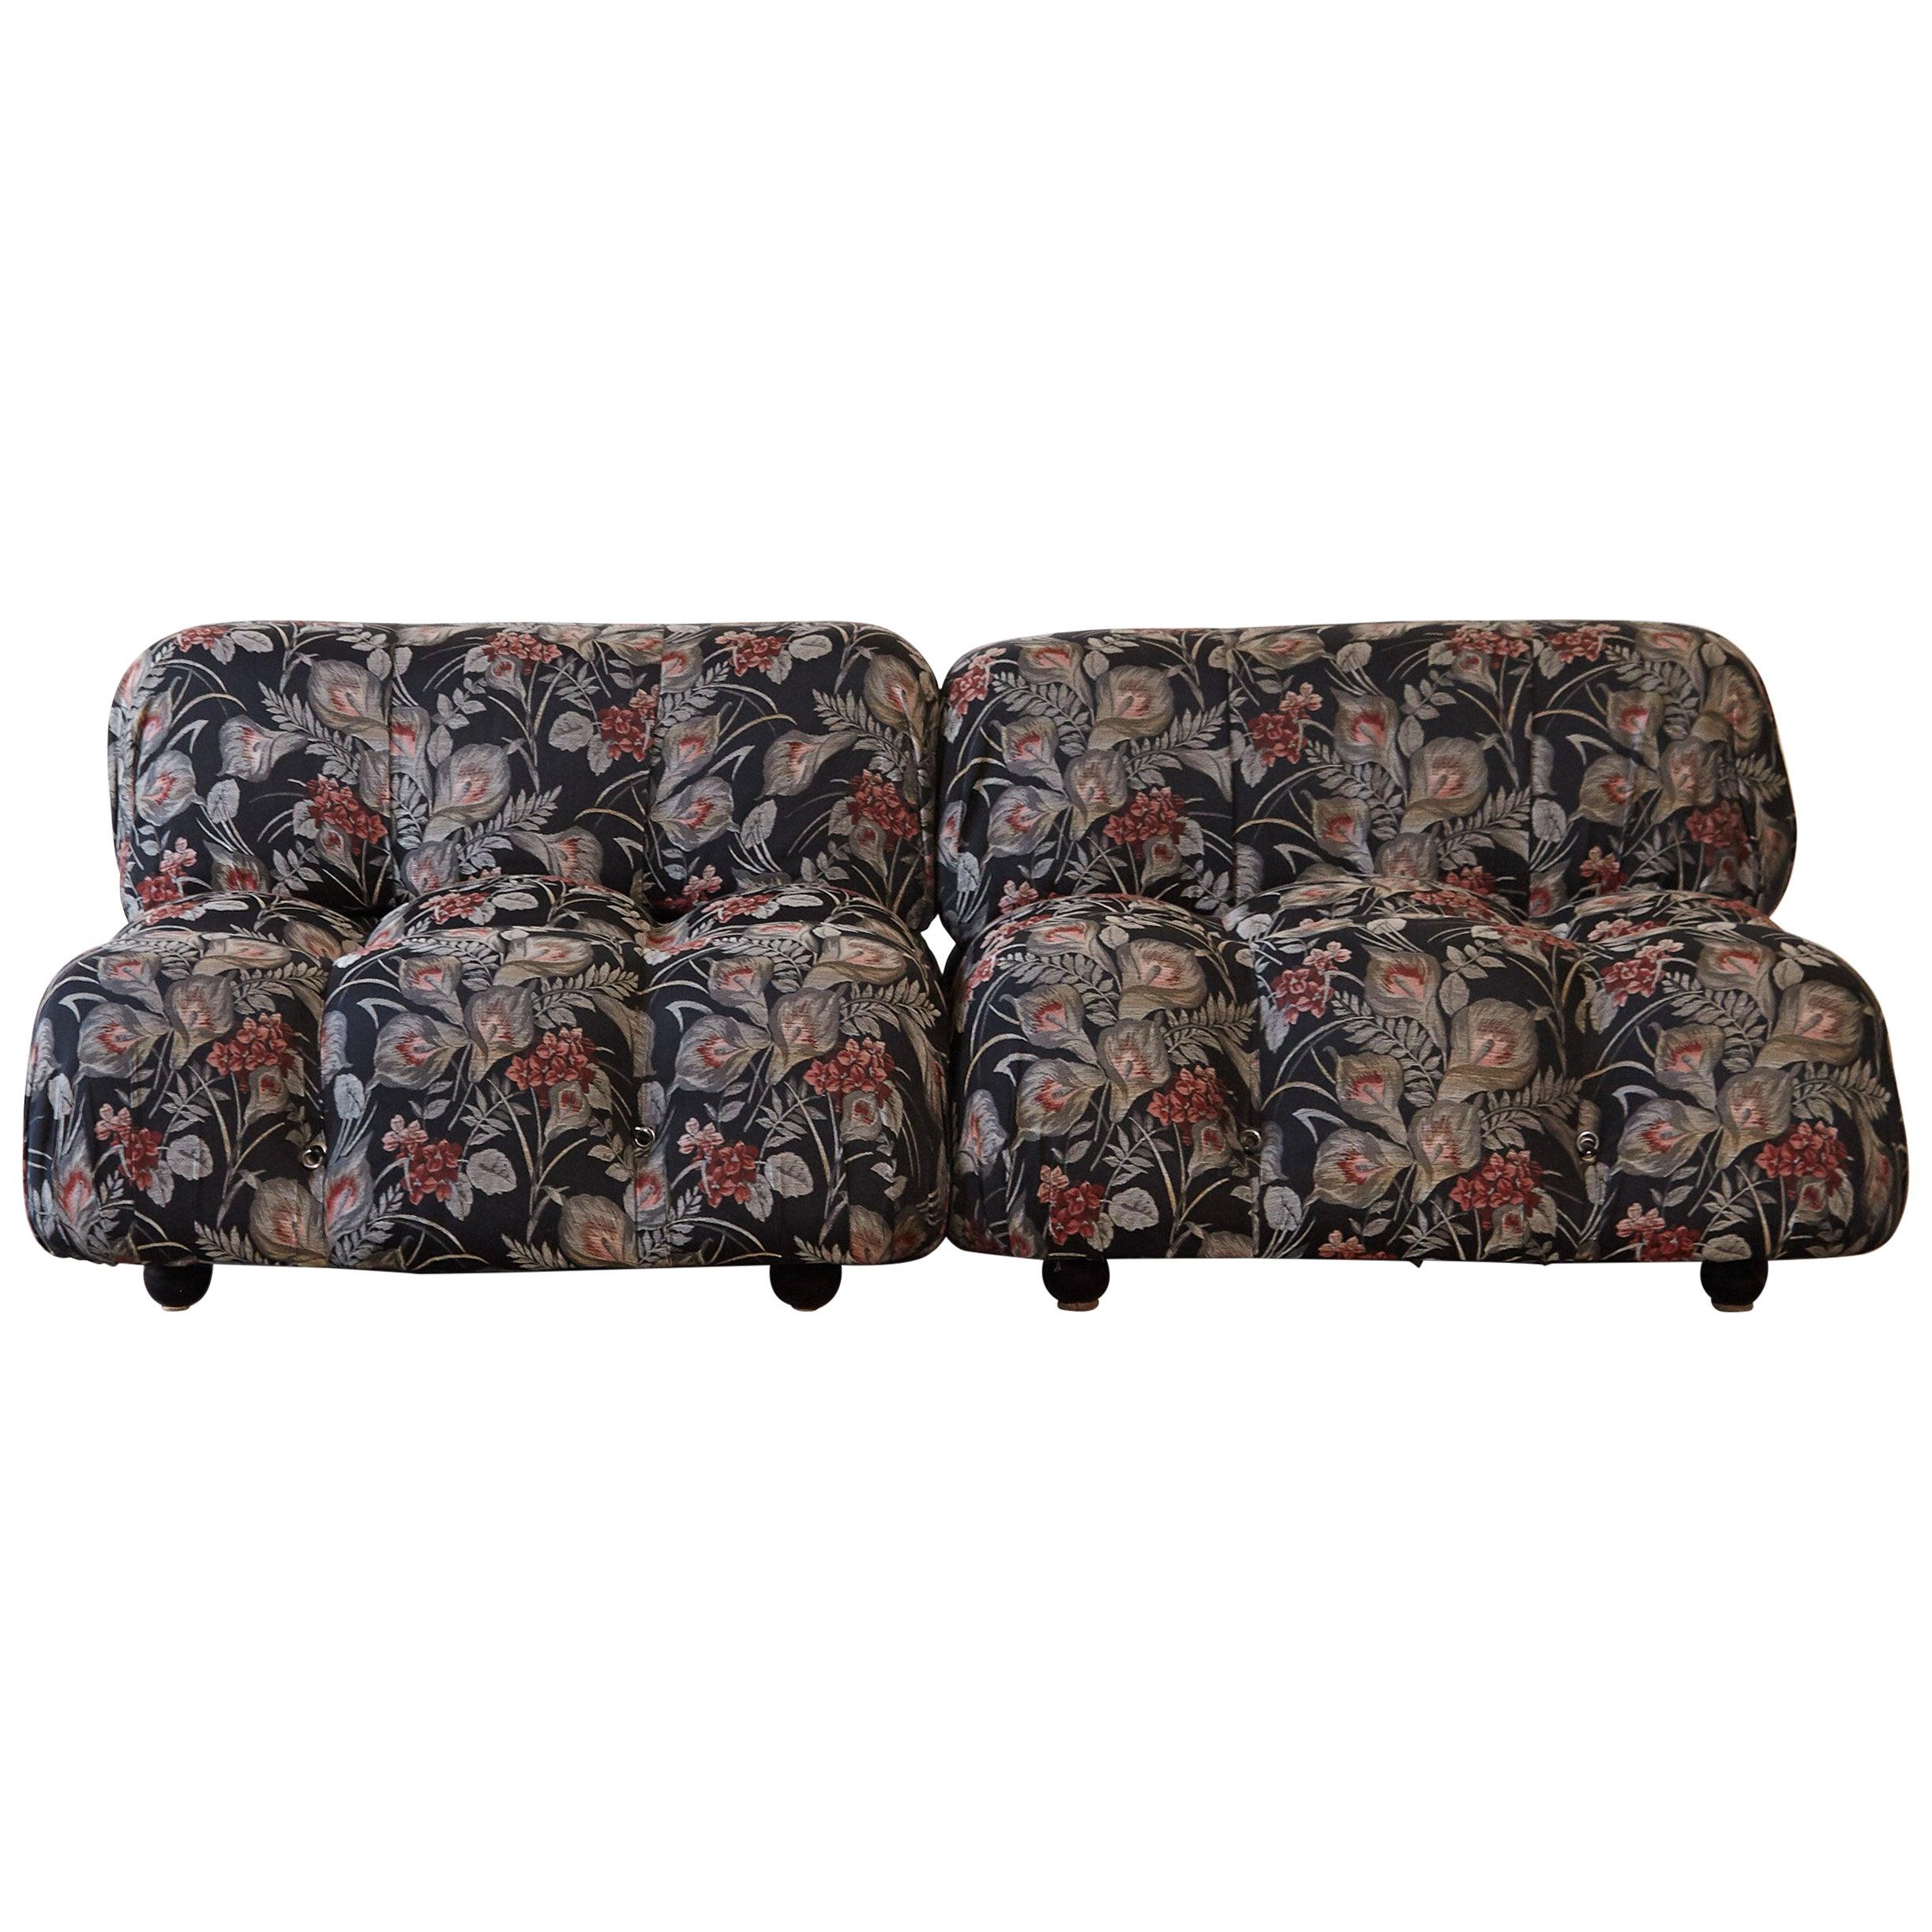 Mario Bellini 'Camaleonda' Modular Sofa, 2 elements, B&B Italia, 1970s